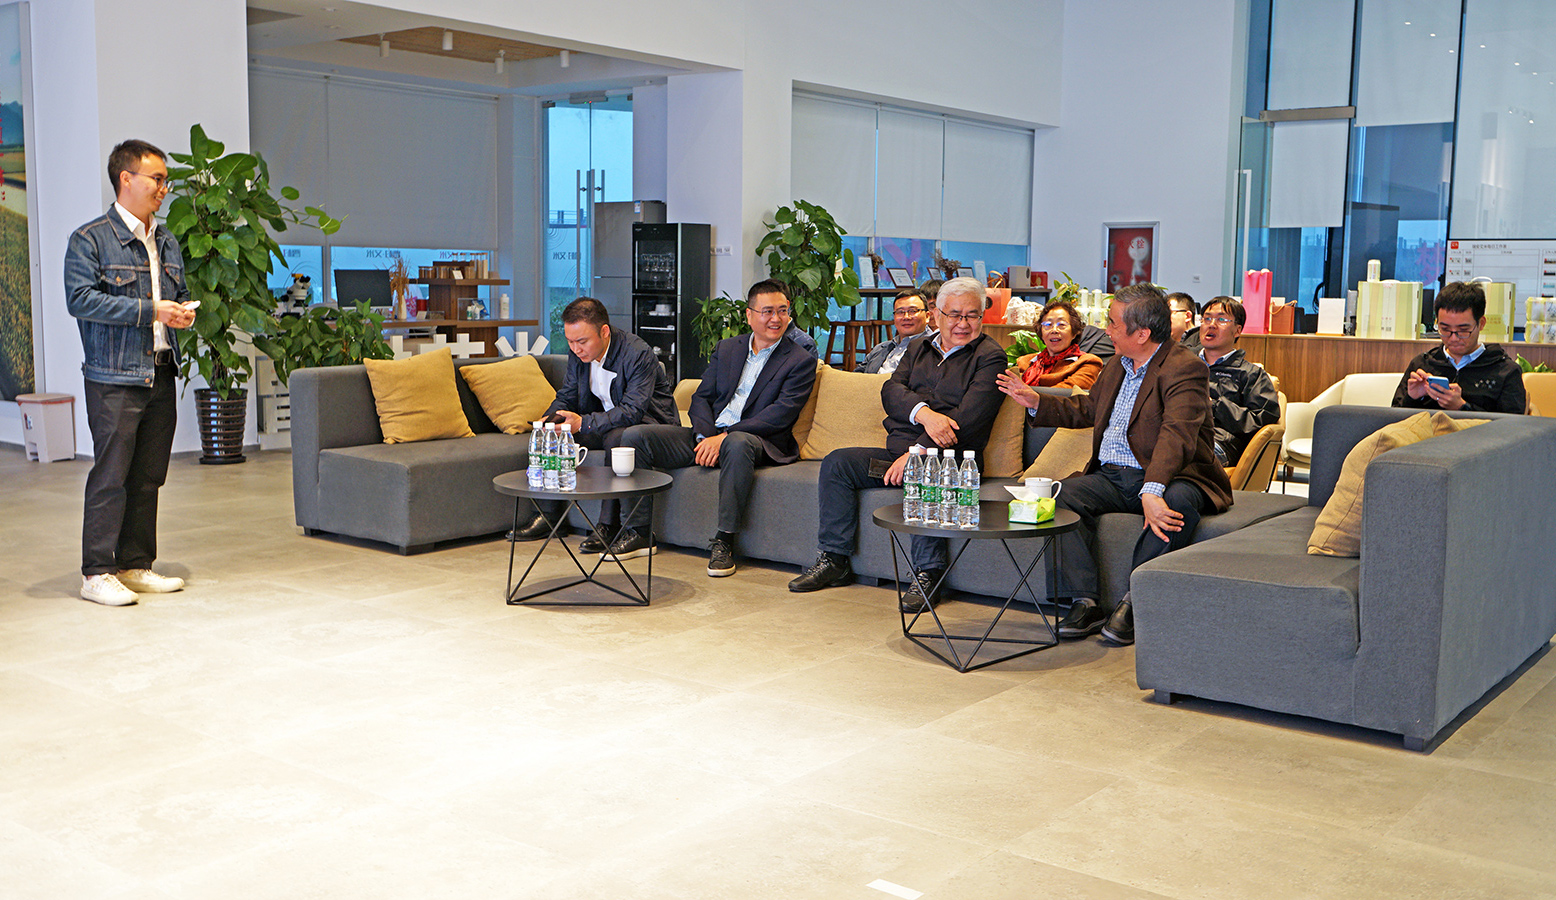 教育部李廉教授、中国工程院郑纬民院士一行到曹村艾米现代农业产业园参观指导